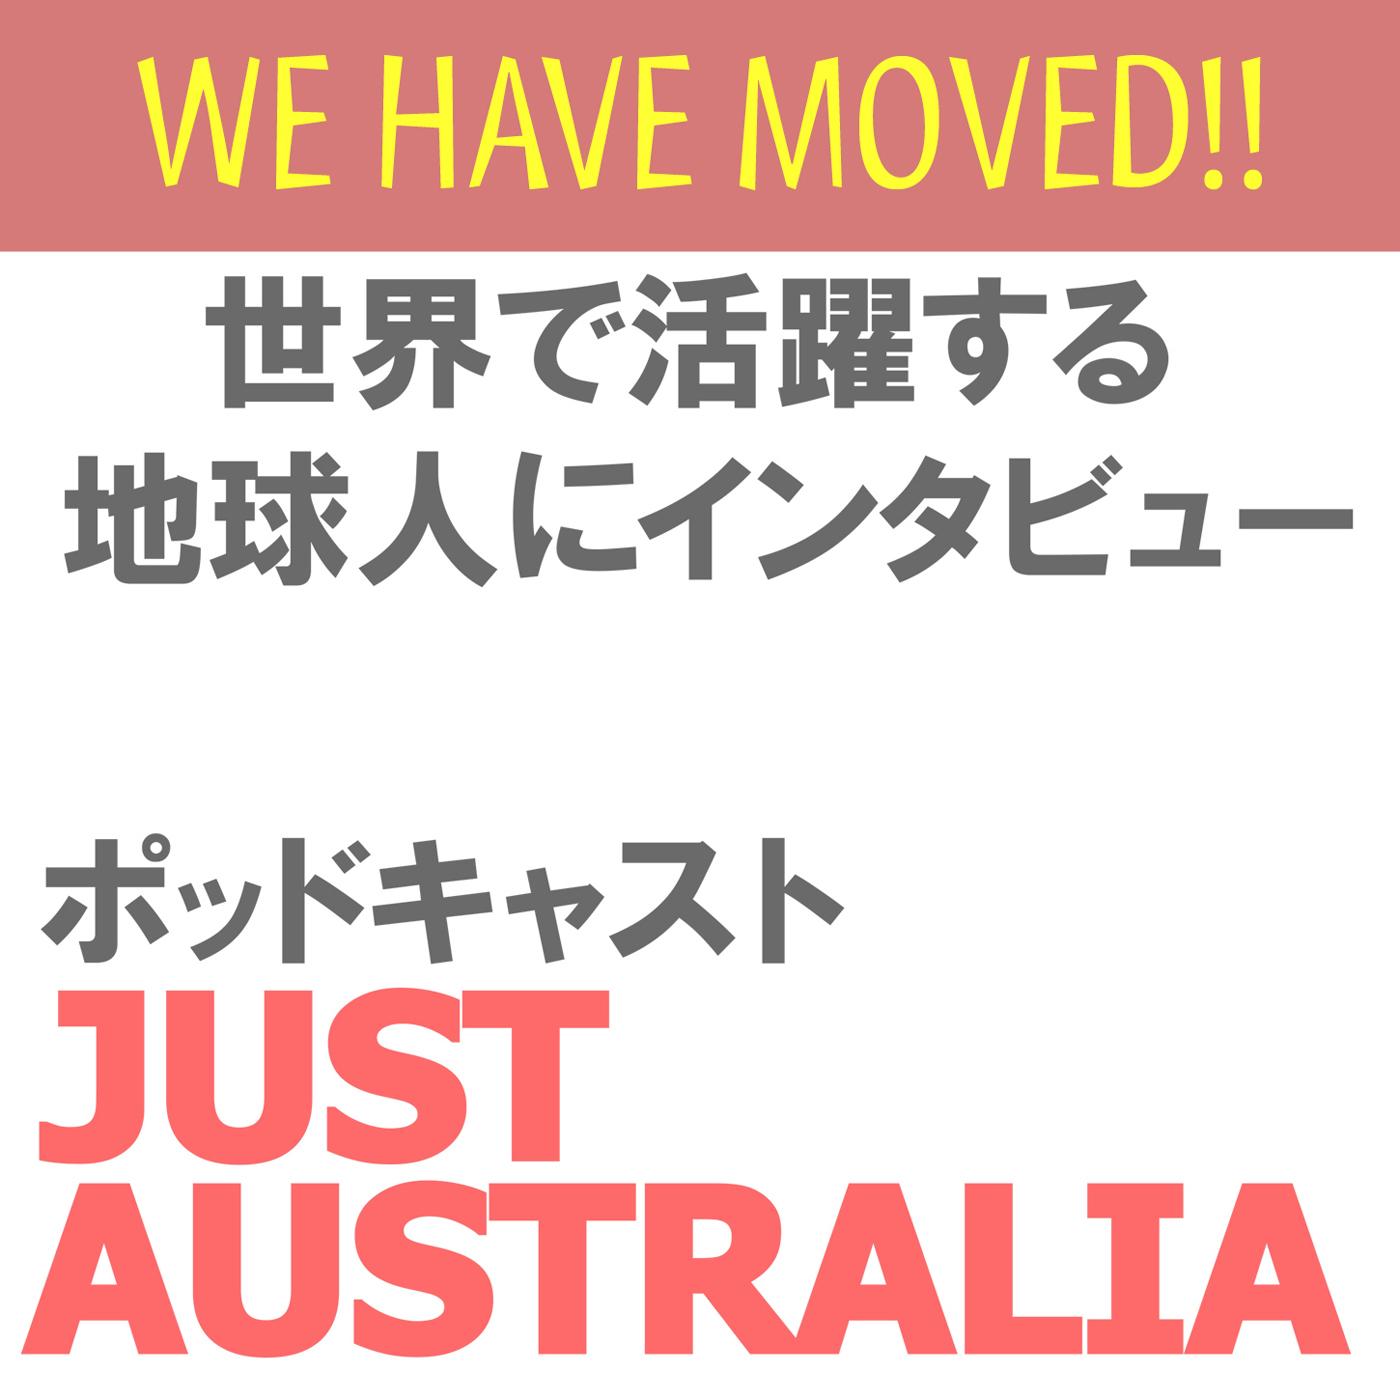 ポッドキャスト【JUST AUSTRALIA】